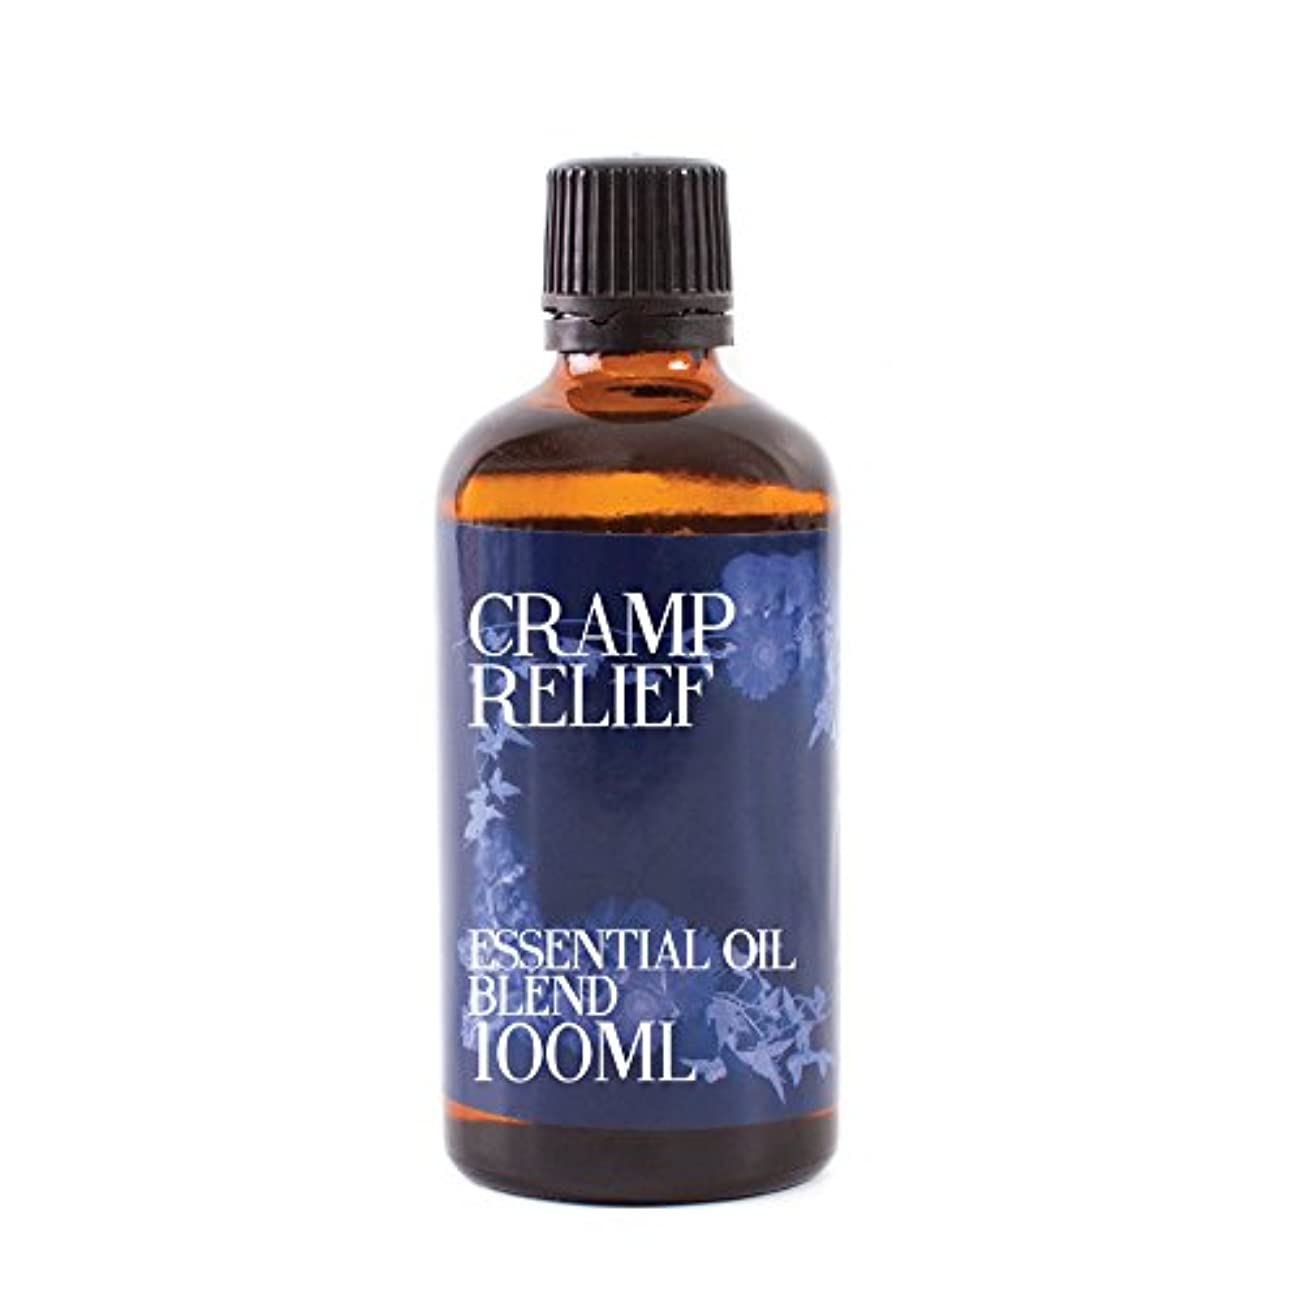 タンザニアソファー祈るMystix London | Cramp Relief Essential Oil Blend - 100ml - 100% Pure